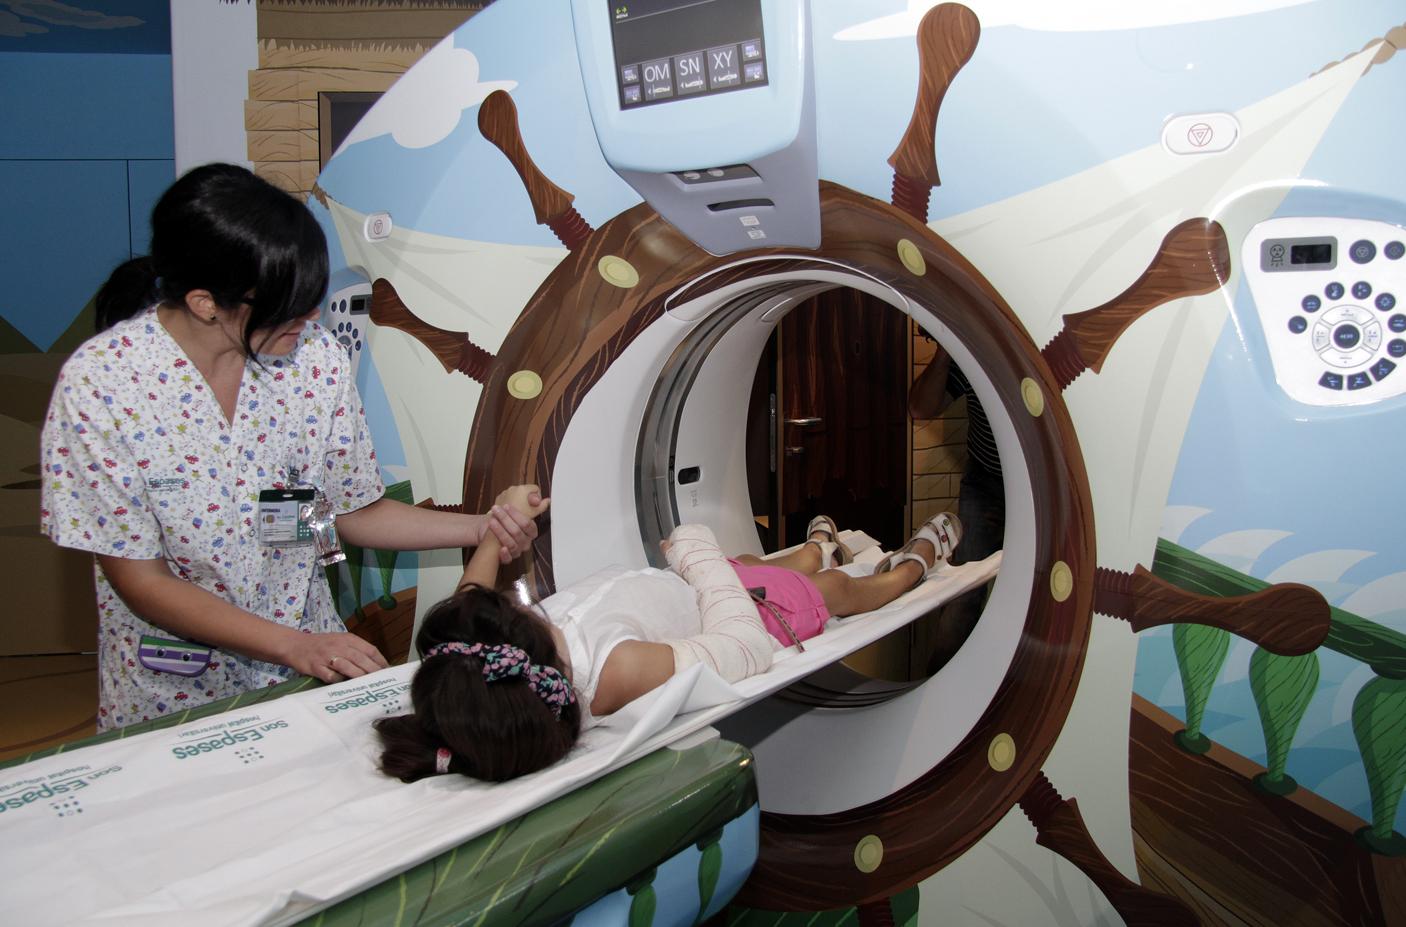 La TAC de Pediatría de Son Espases se convierte en un 'barco pirata'